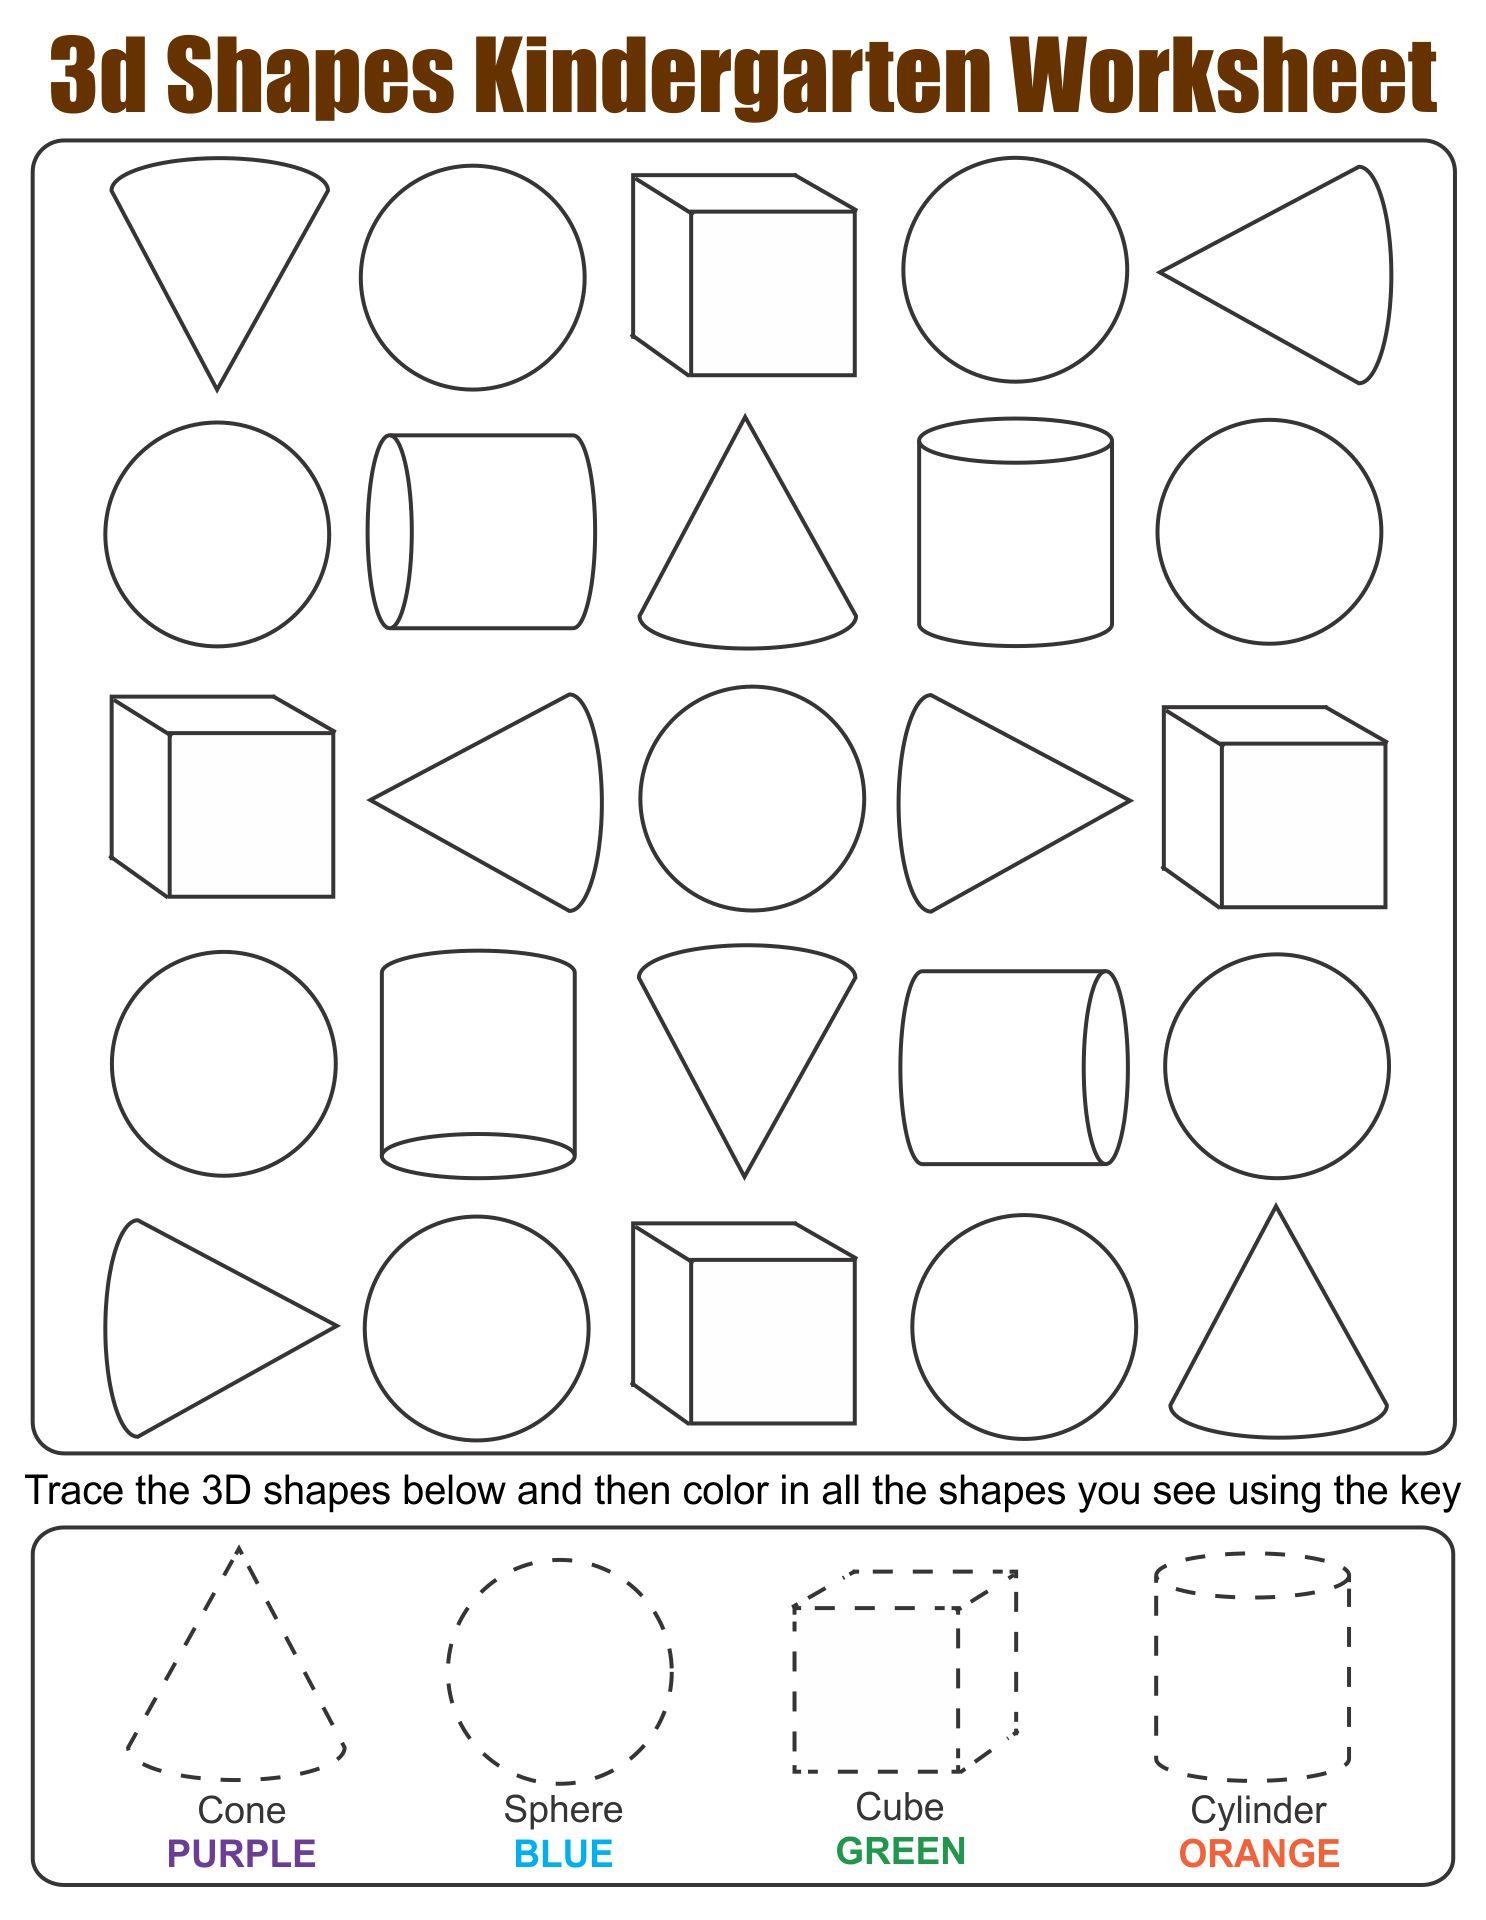 4 Images of 3D Shapes Worksheets Printables Kindergarten